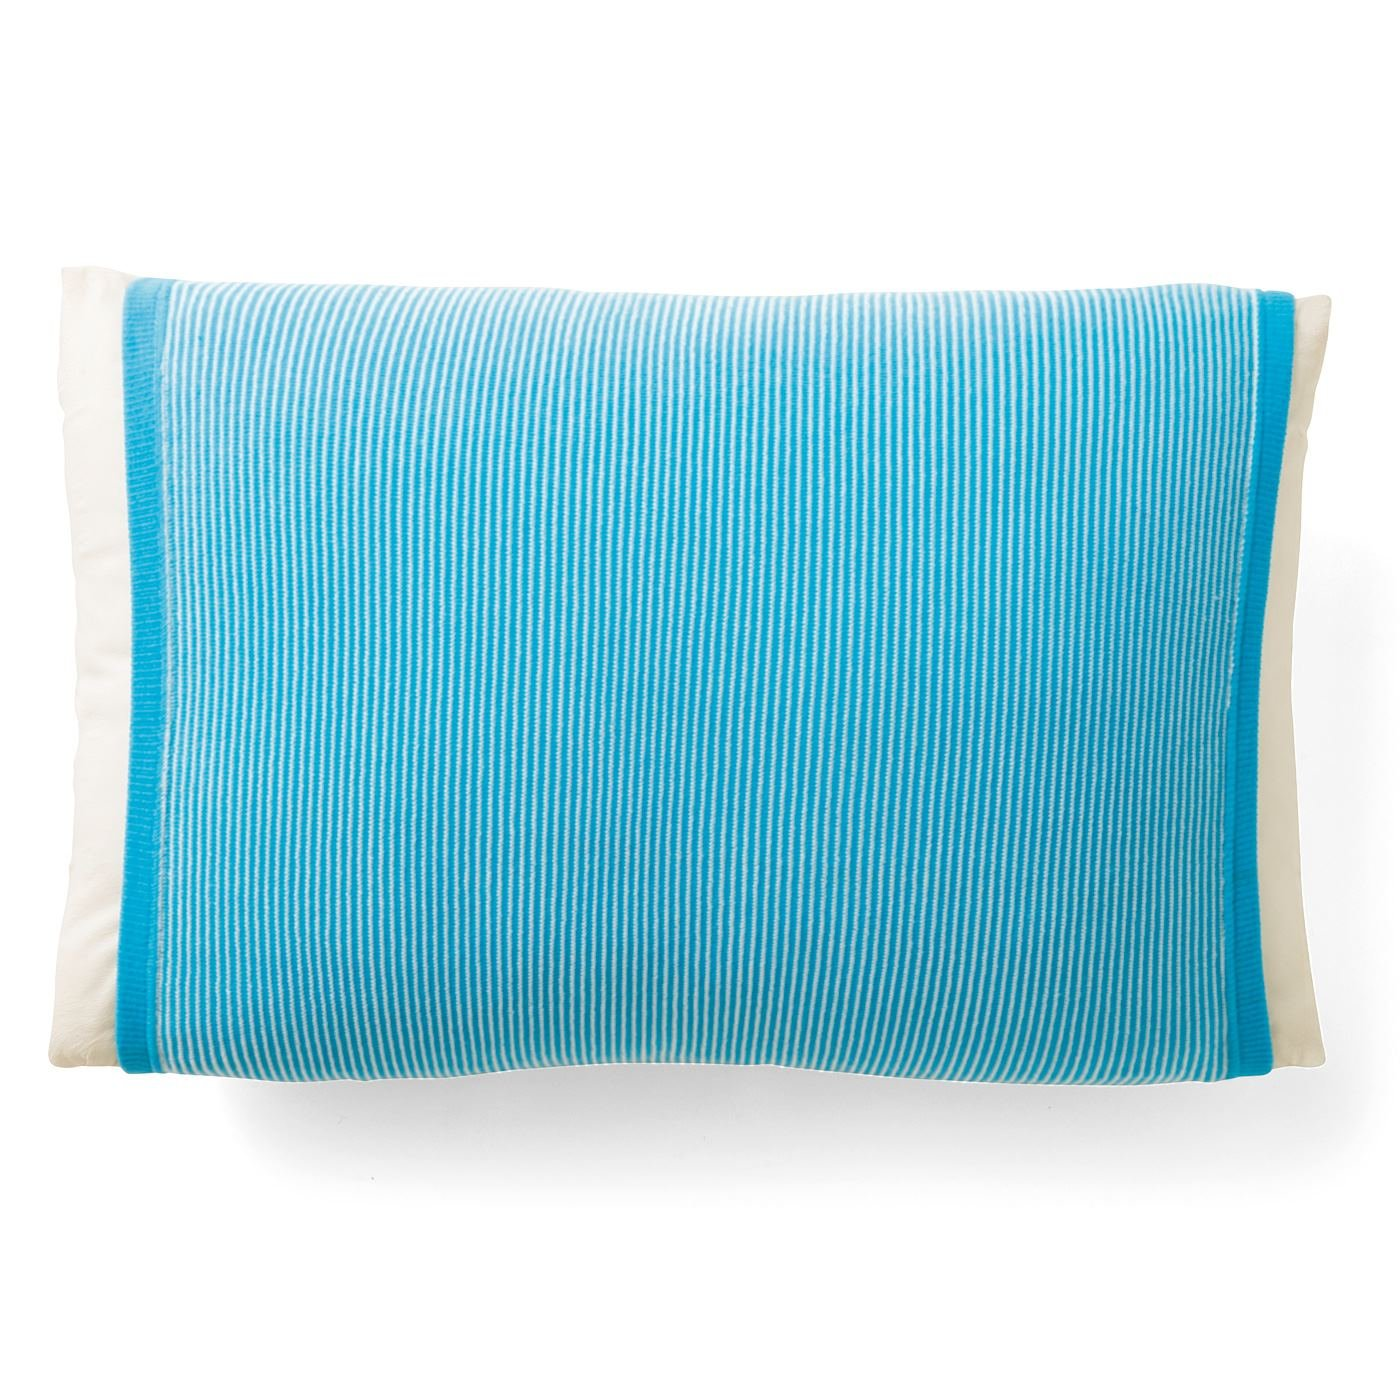 丸ごと包んで快適 接触冷感 涼やか色のボーダー枕カバーの会